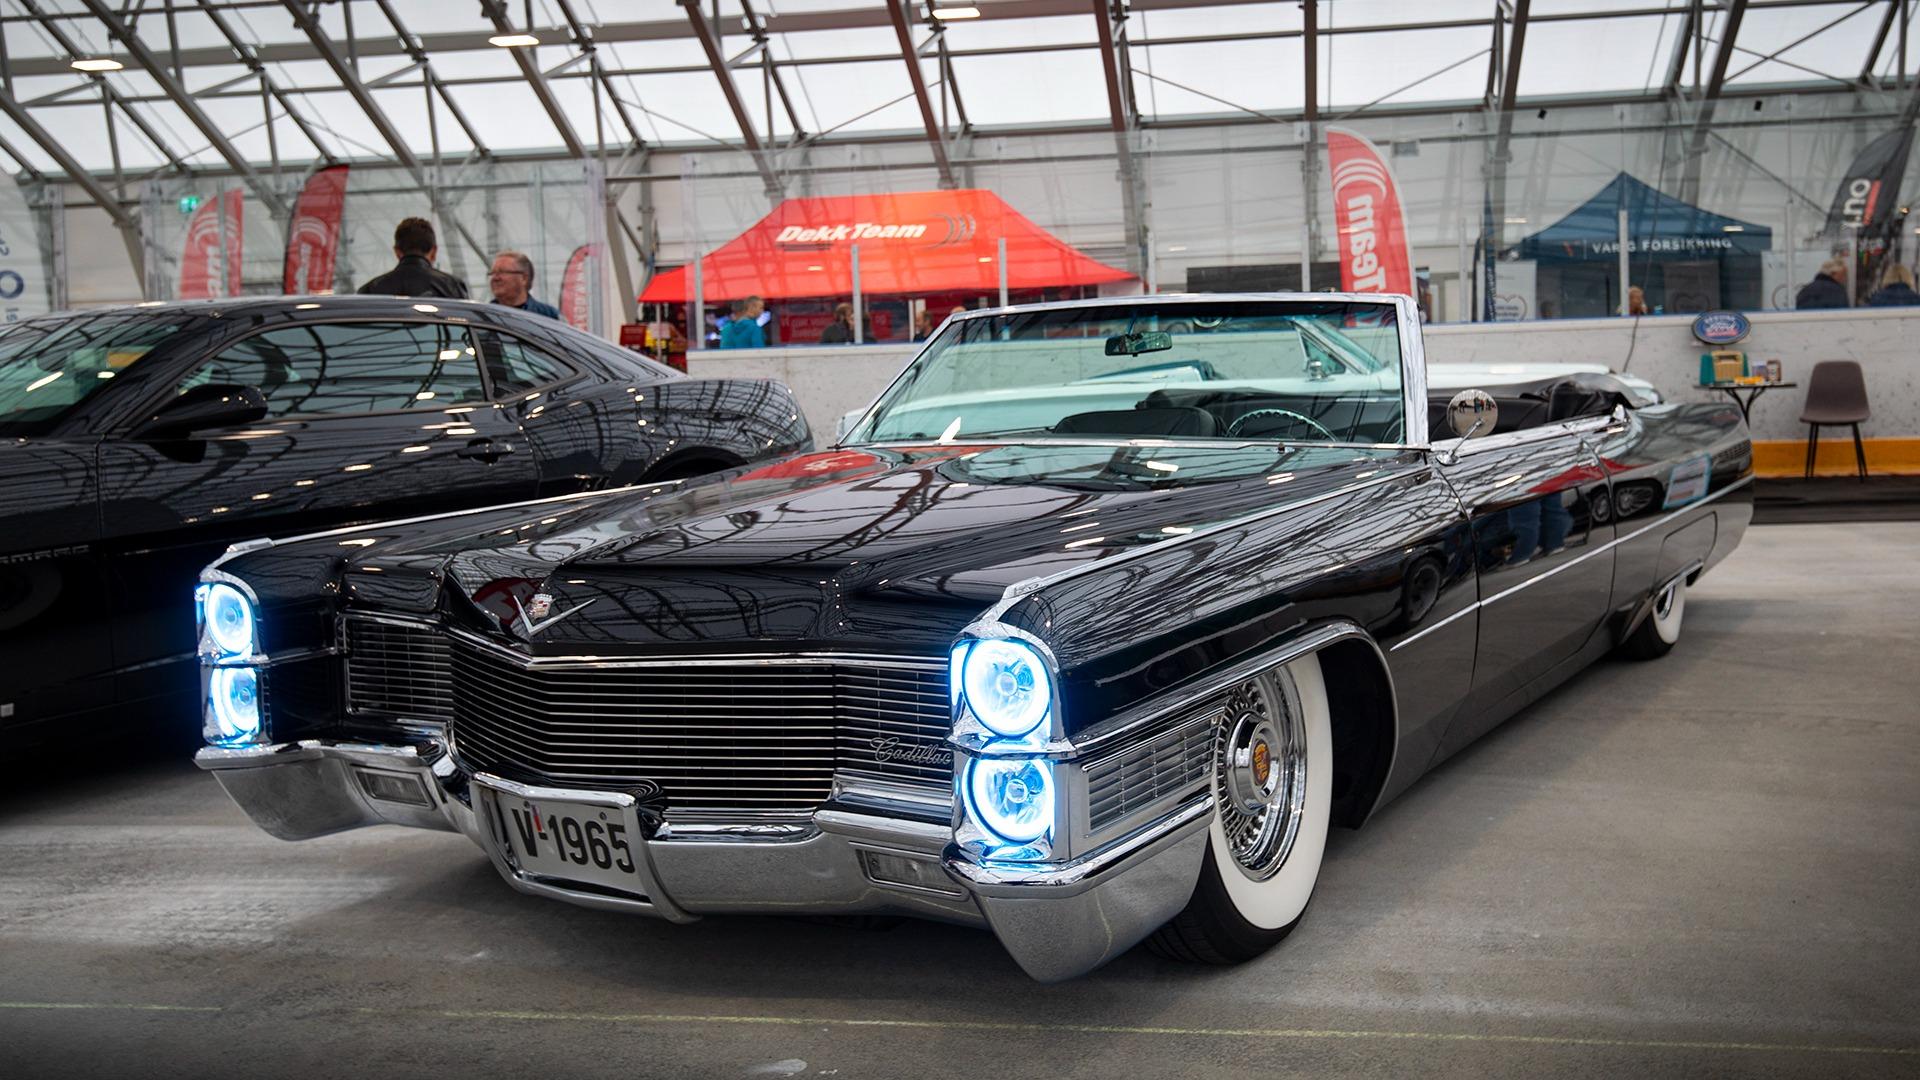 Arne Hansen rakk akkurat å bli klar til messen med sin vakre 1965 Cadillac Deville.